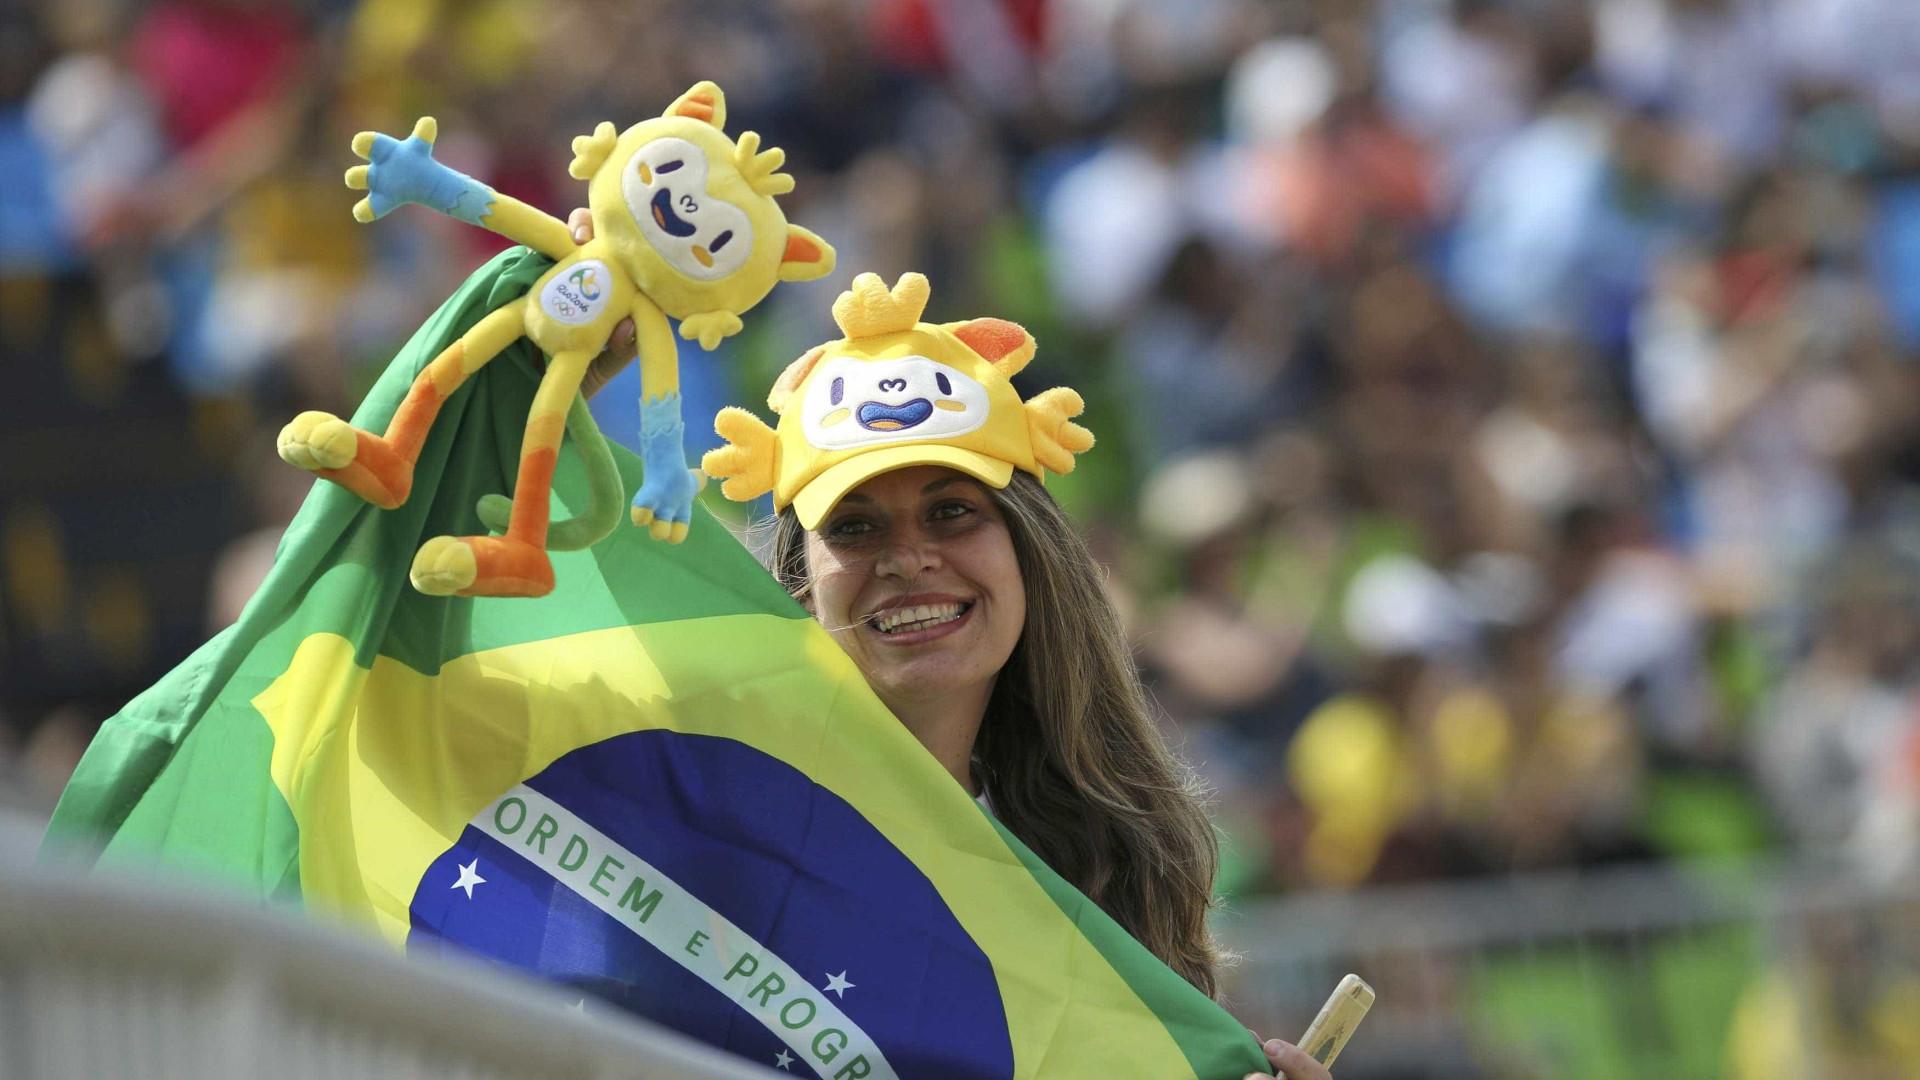 Procon multa Rio-2016 em R$ 588 mil  por não reembolsar torcedores